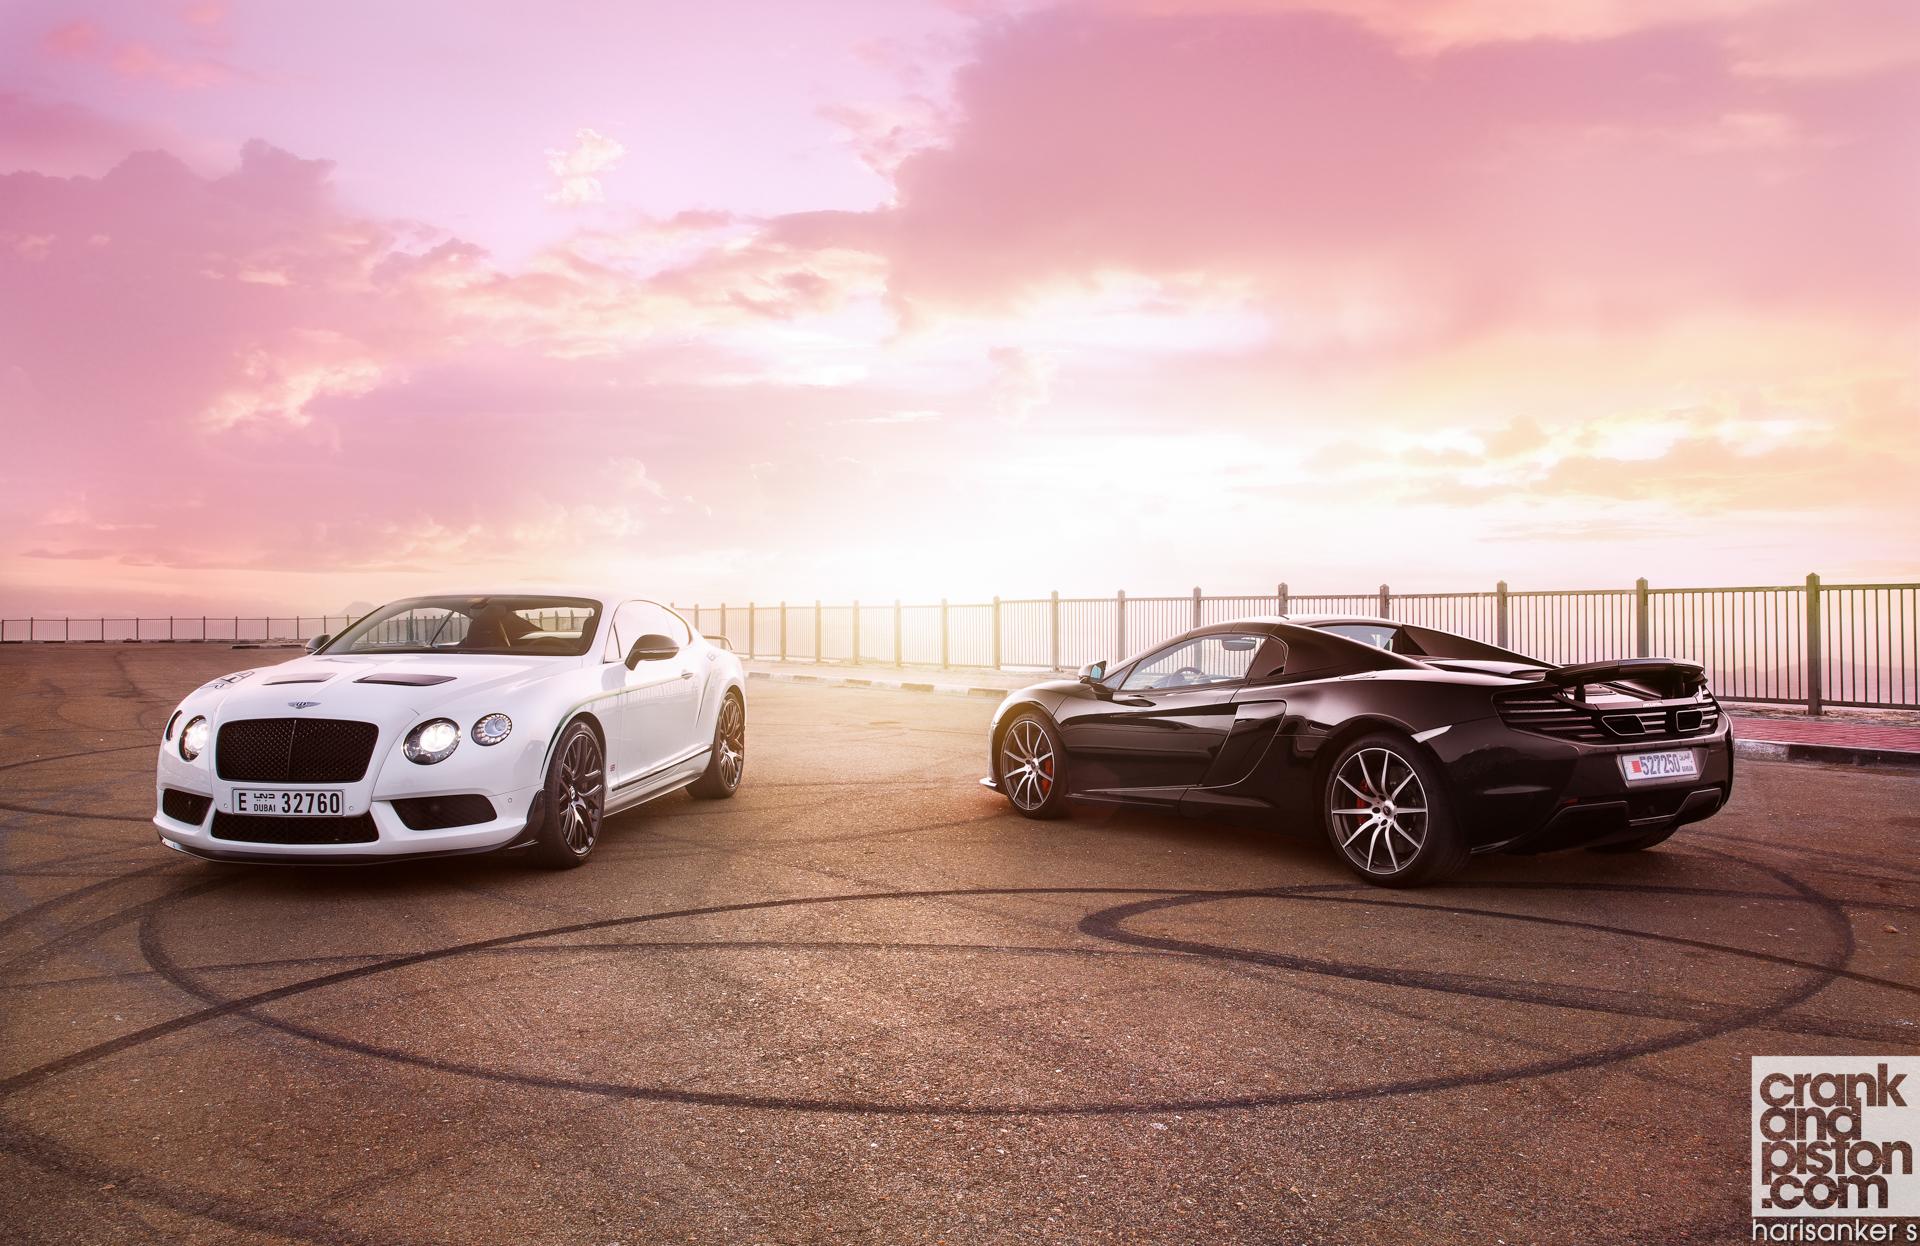 Bentley-Continental-GT3-R-vs-McLaren-650S-Spider-Wallpapers-8